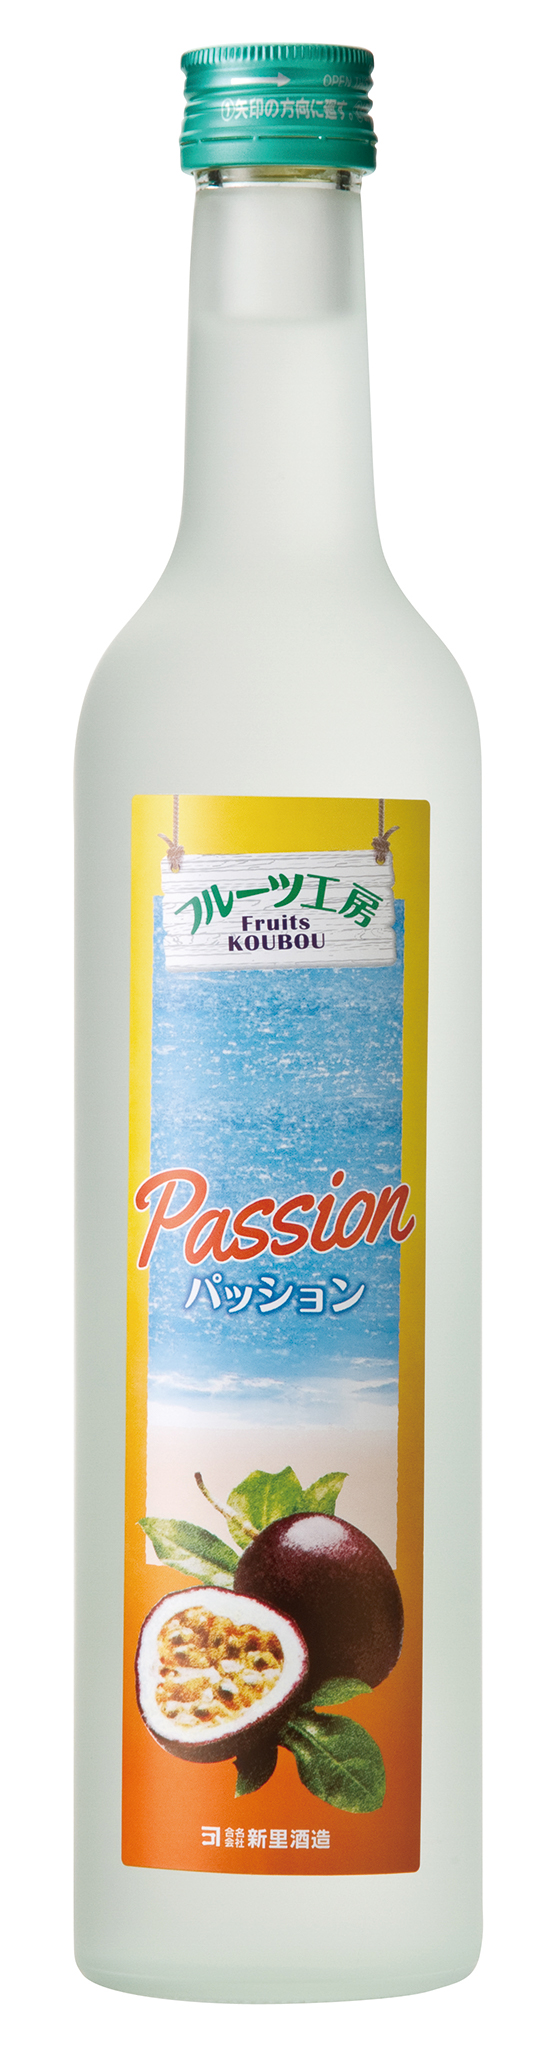 新里酒造 フルーツ工房パッション 12度 500ml